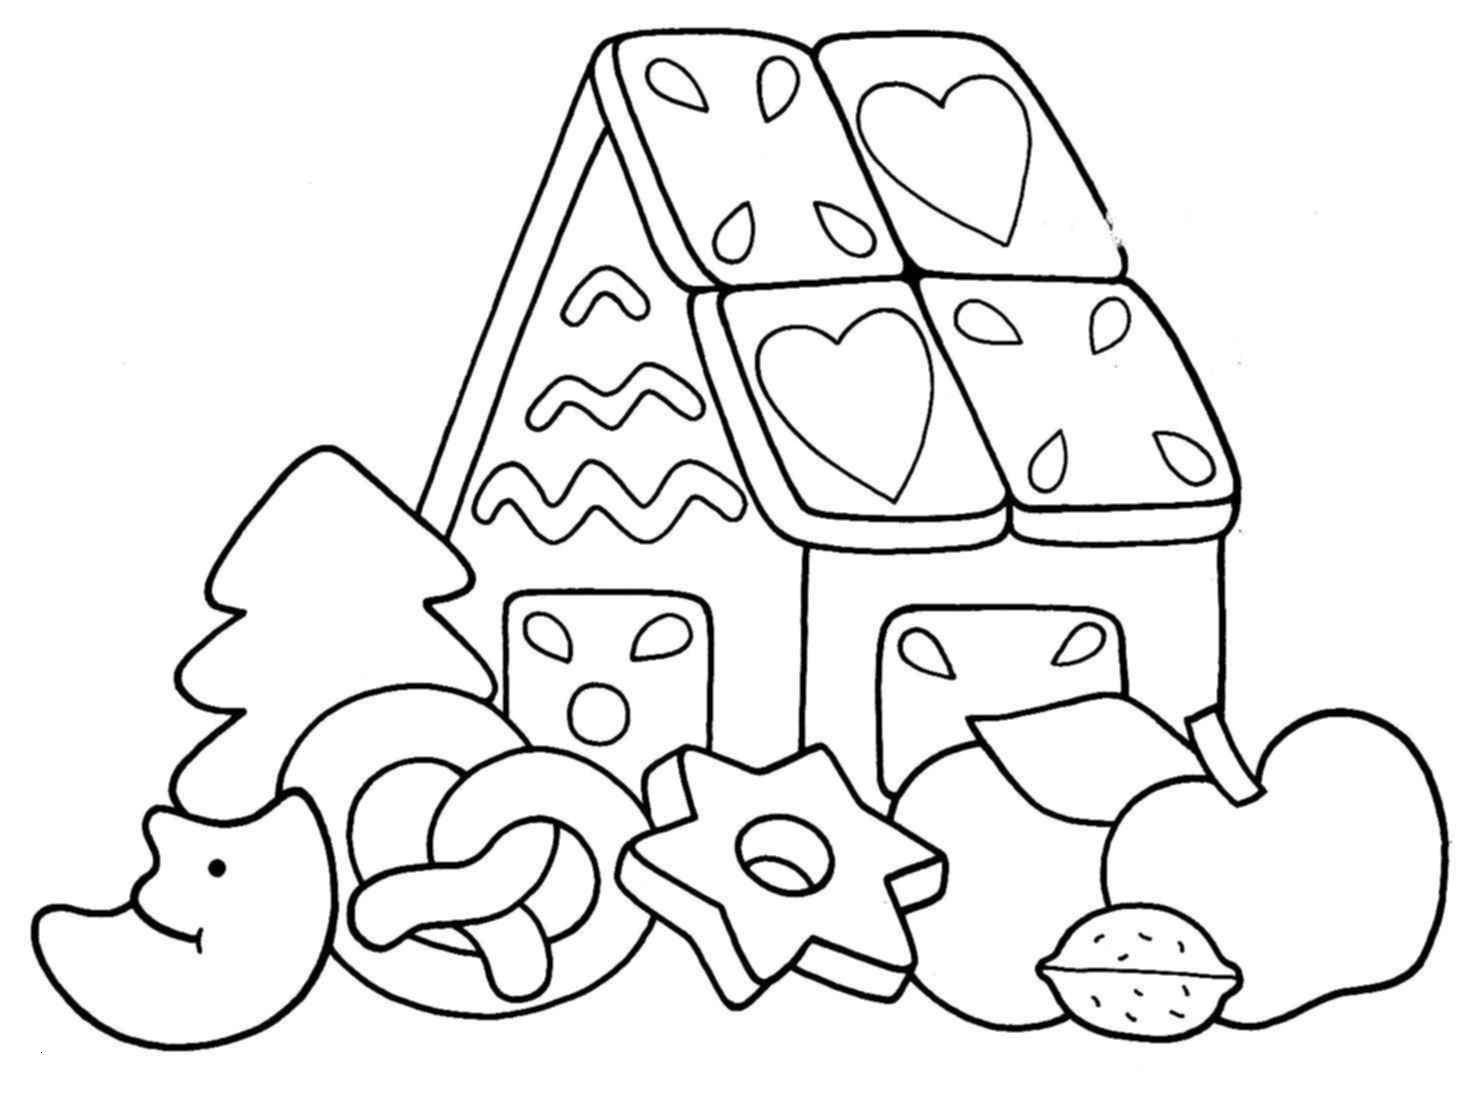 Ausmalbilder Zum Ausdrucken Minions Neu Malvorlagen Igel Frisch Igel Grundschule 0d Archives Uploadertalk Das Bild